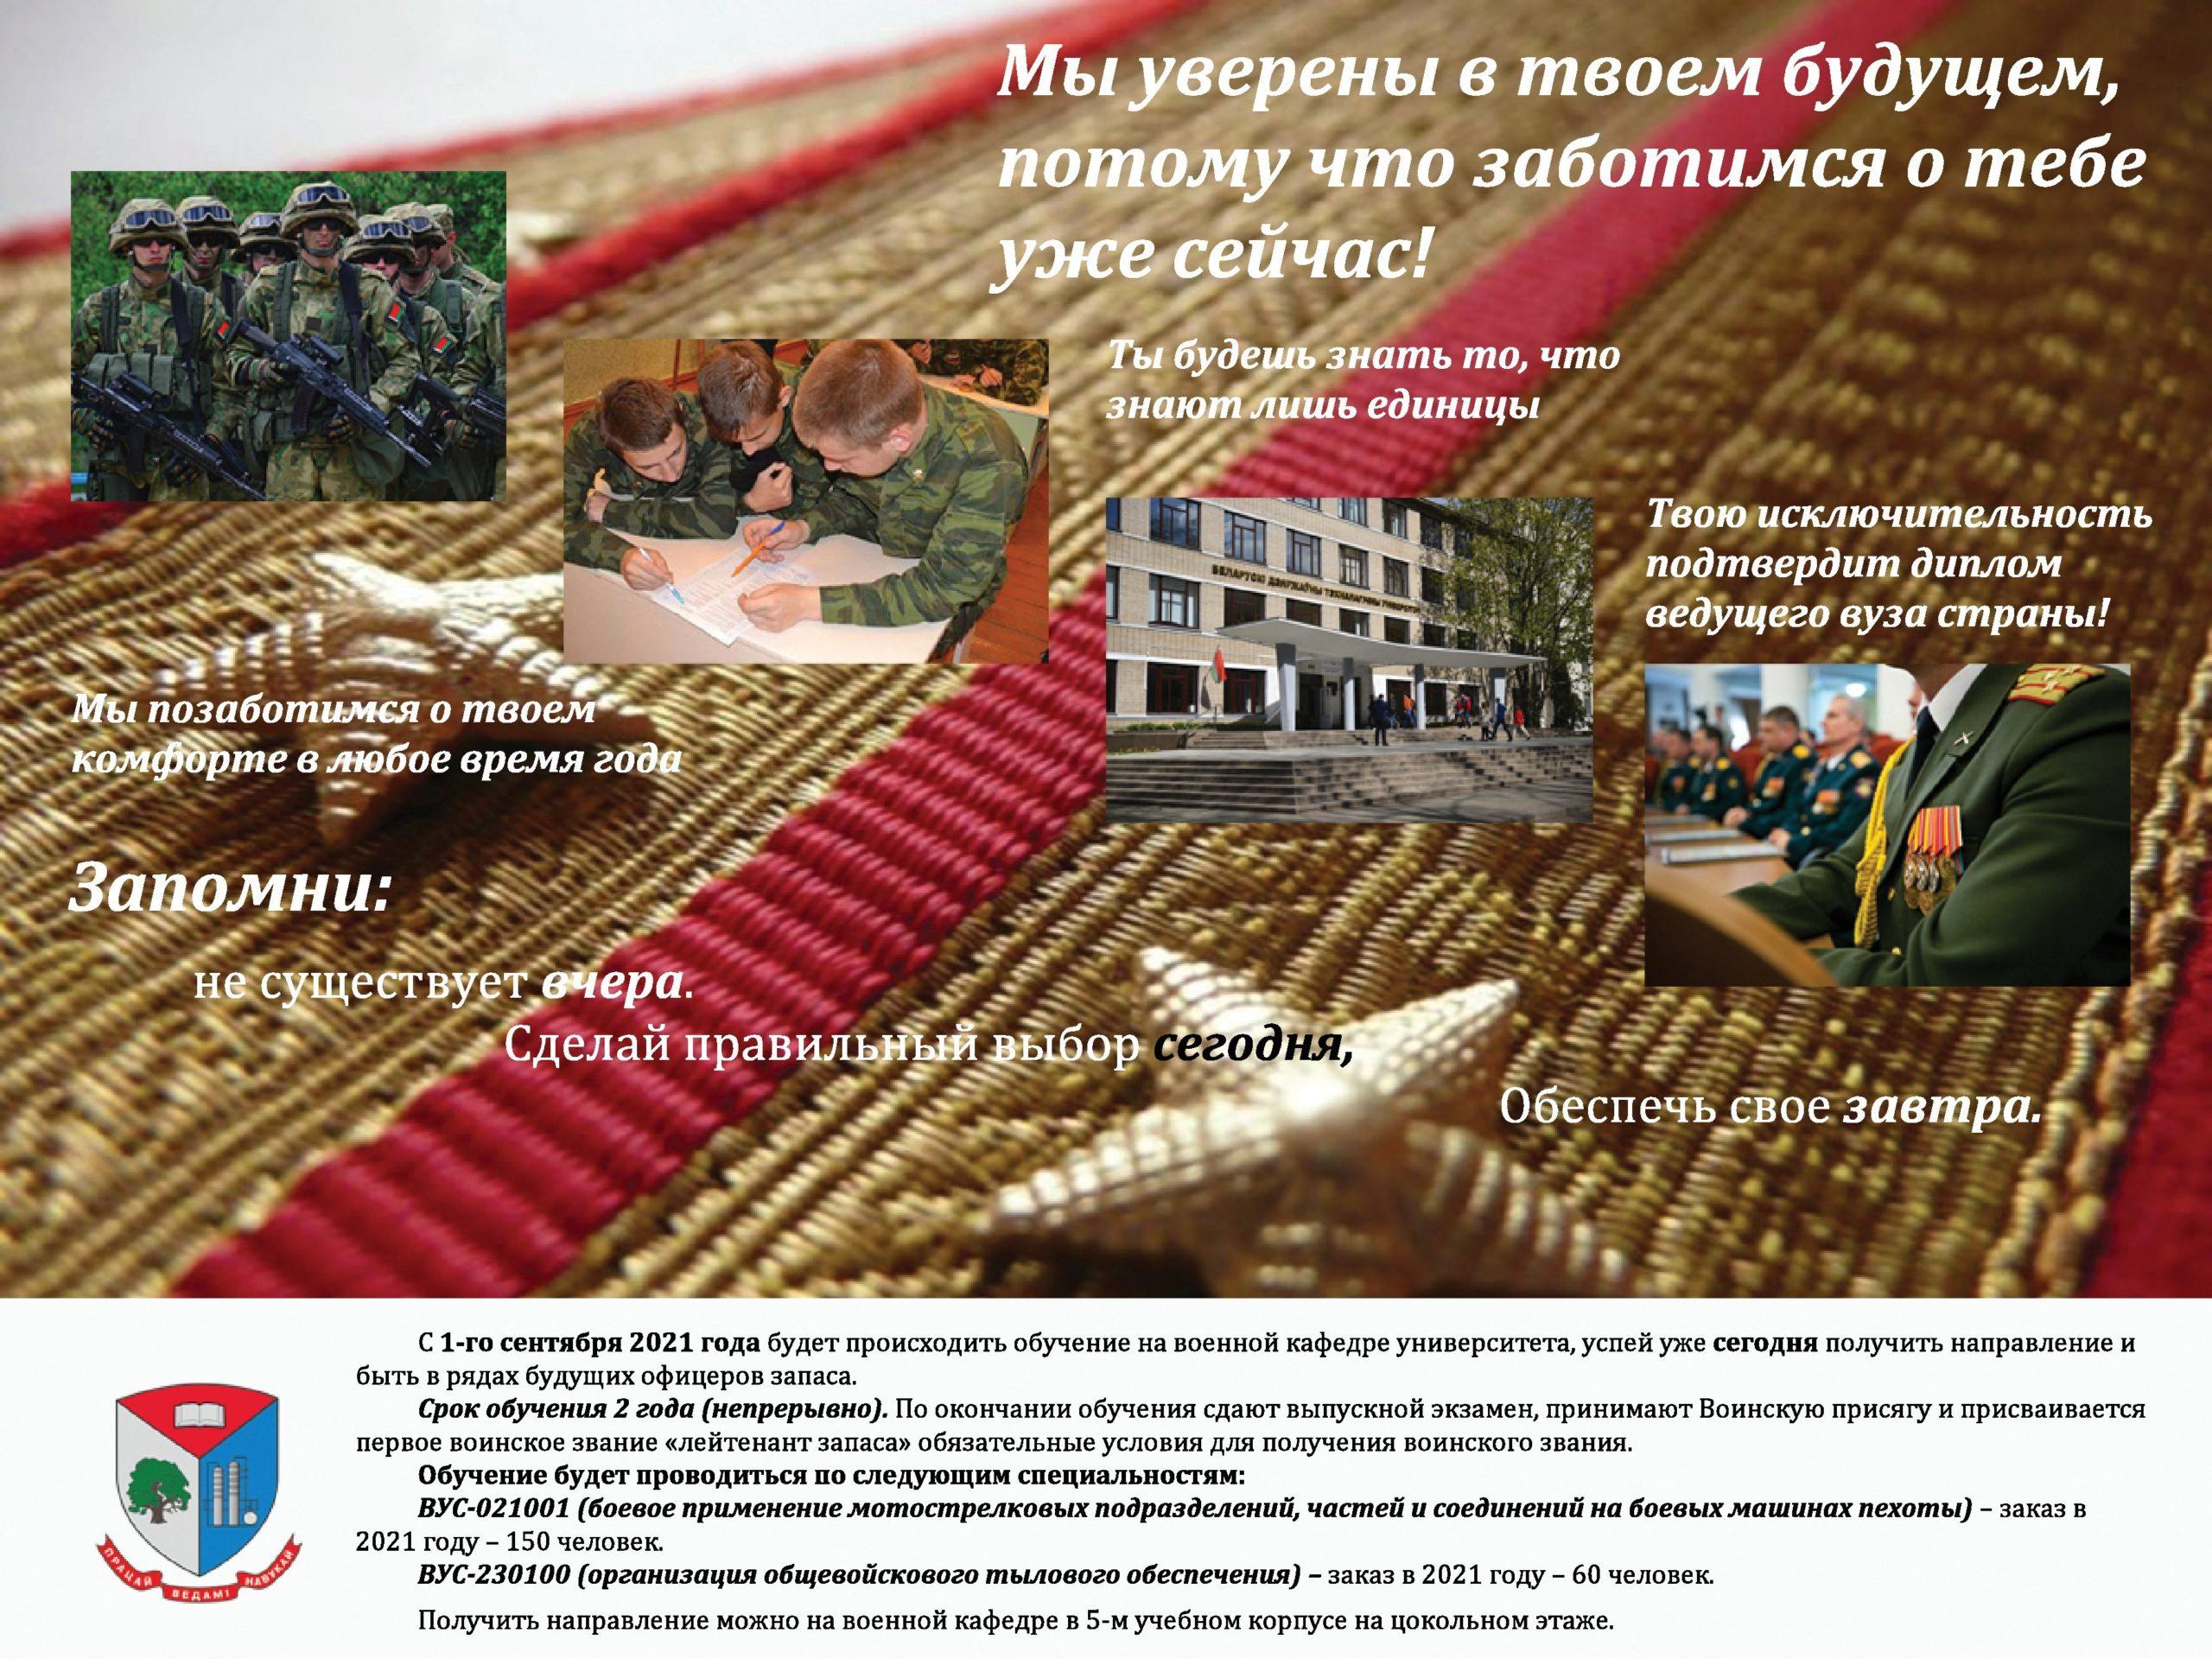 плакат а1 (военная кафедра)